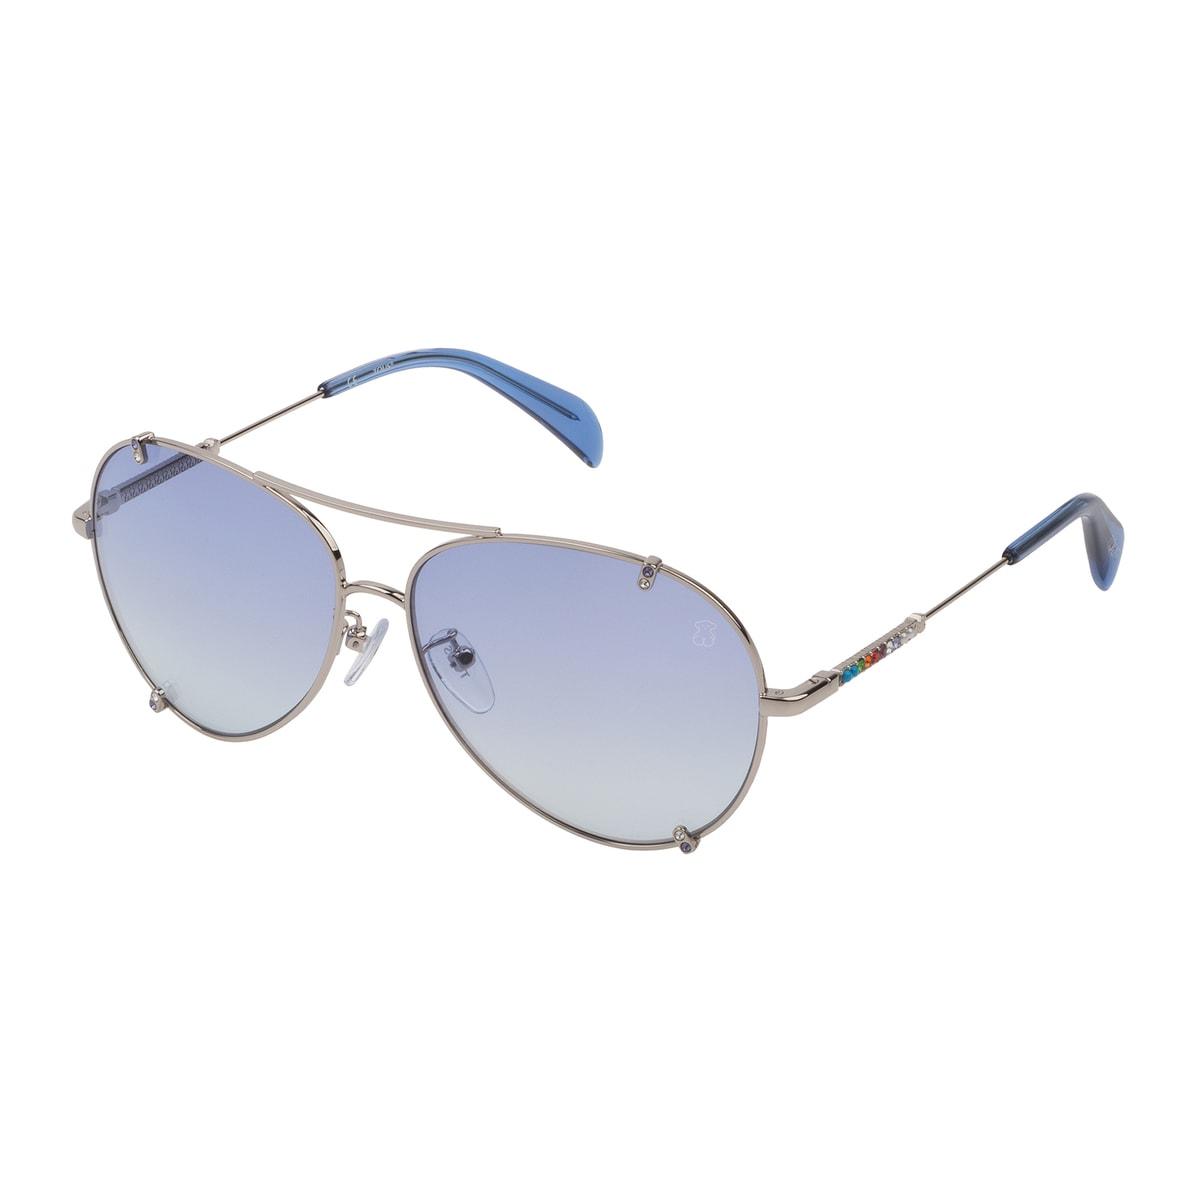 Gafas de sol Straight Gema de metal en color plata y azul